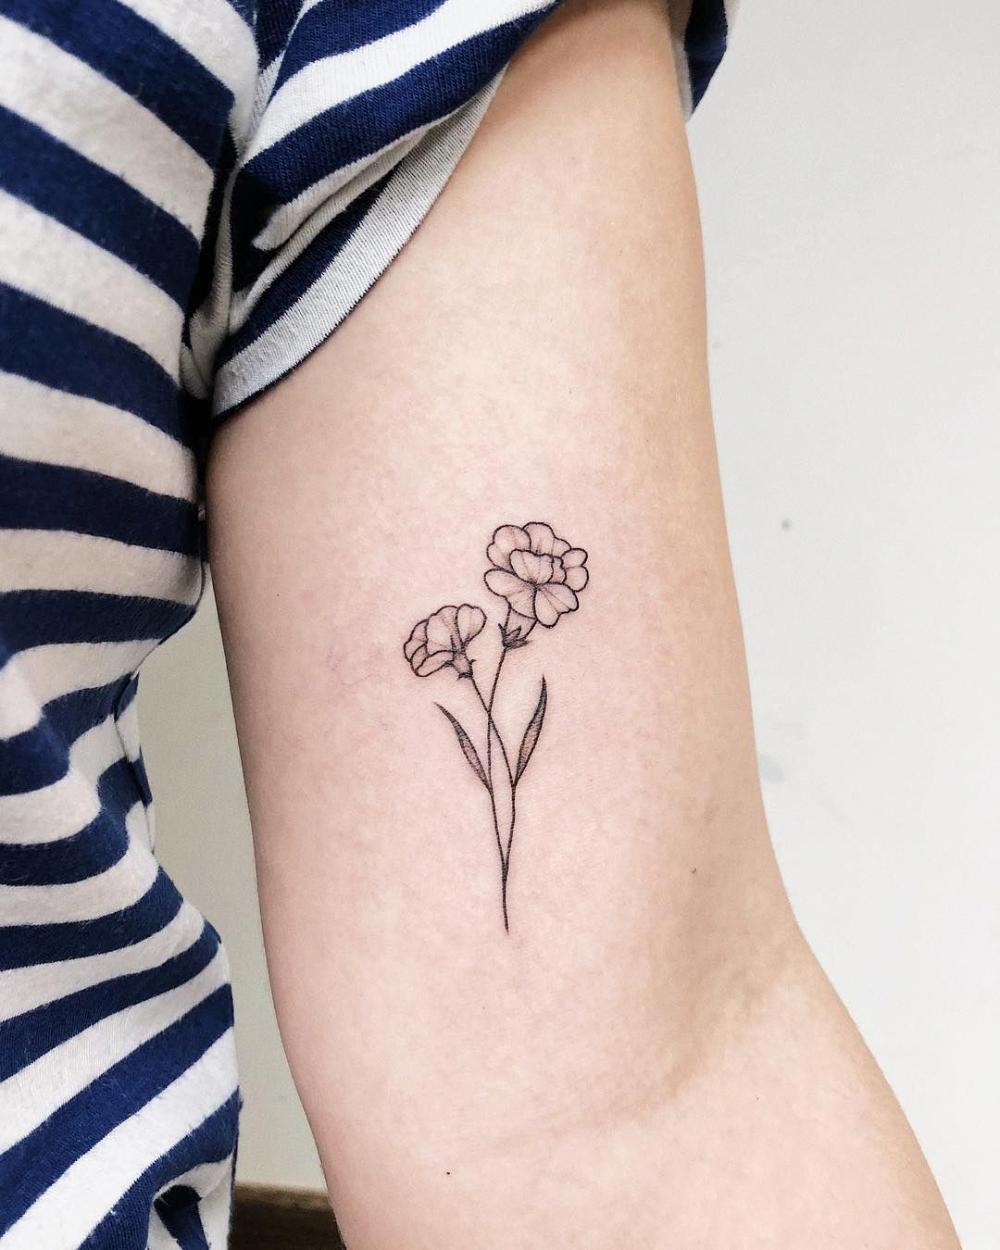 Minimalist Tattoo Meaning Minimalisttattoos In 2020 Carnation Tattoo Autumn Tattoo Mum Tattoo